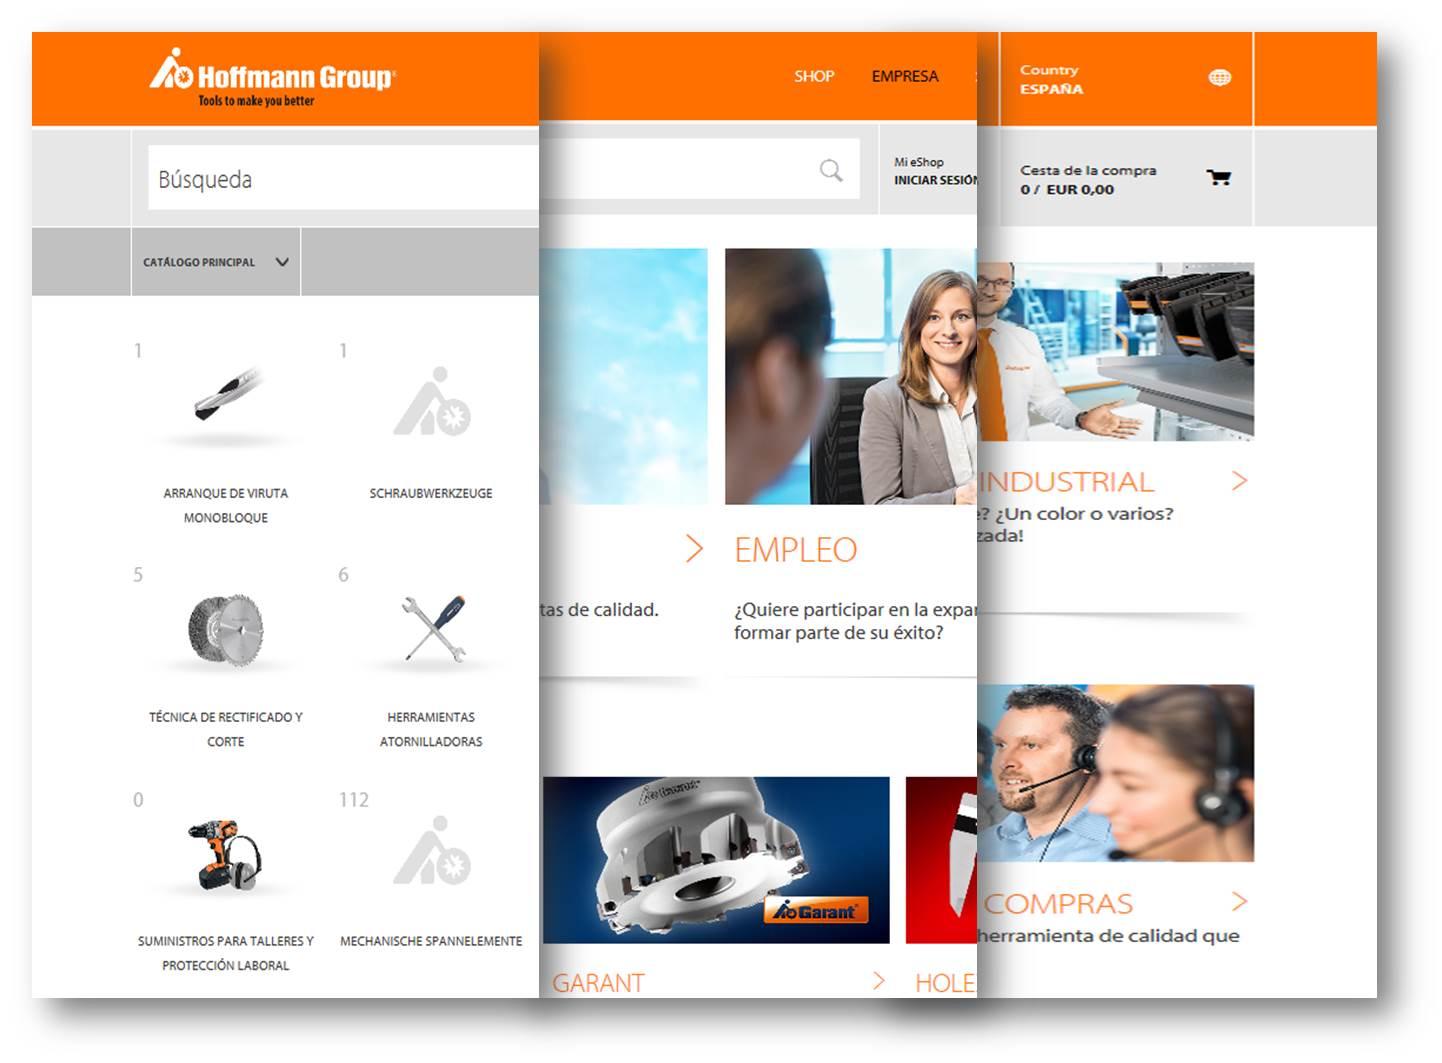 El eShop de Hoffmann Group está más cerca del cliente